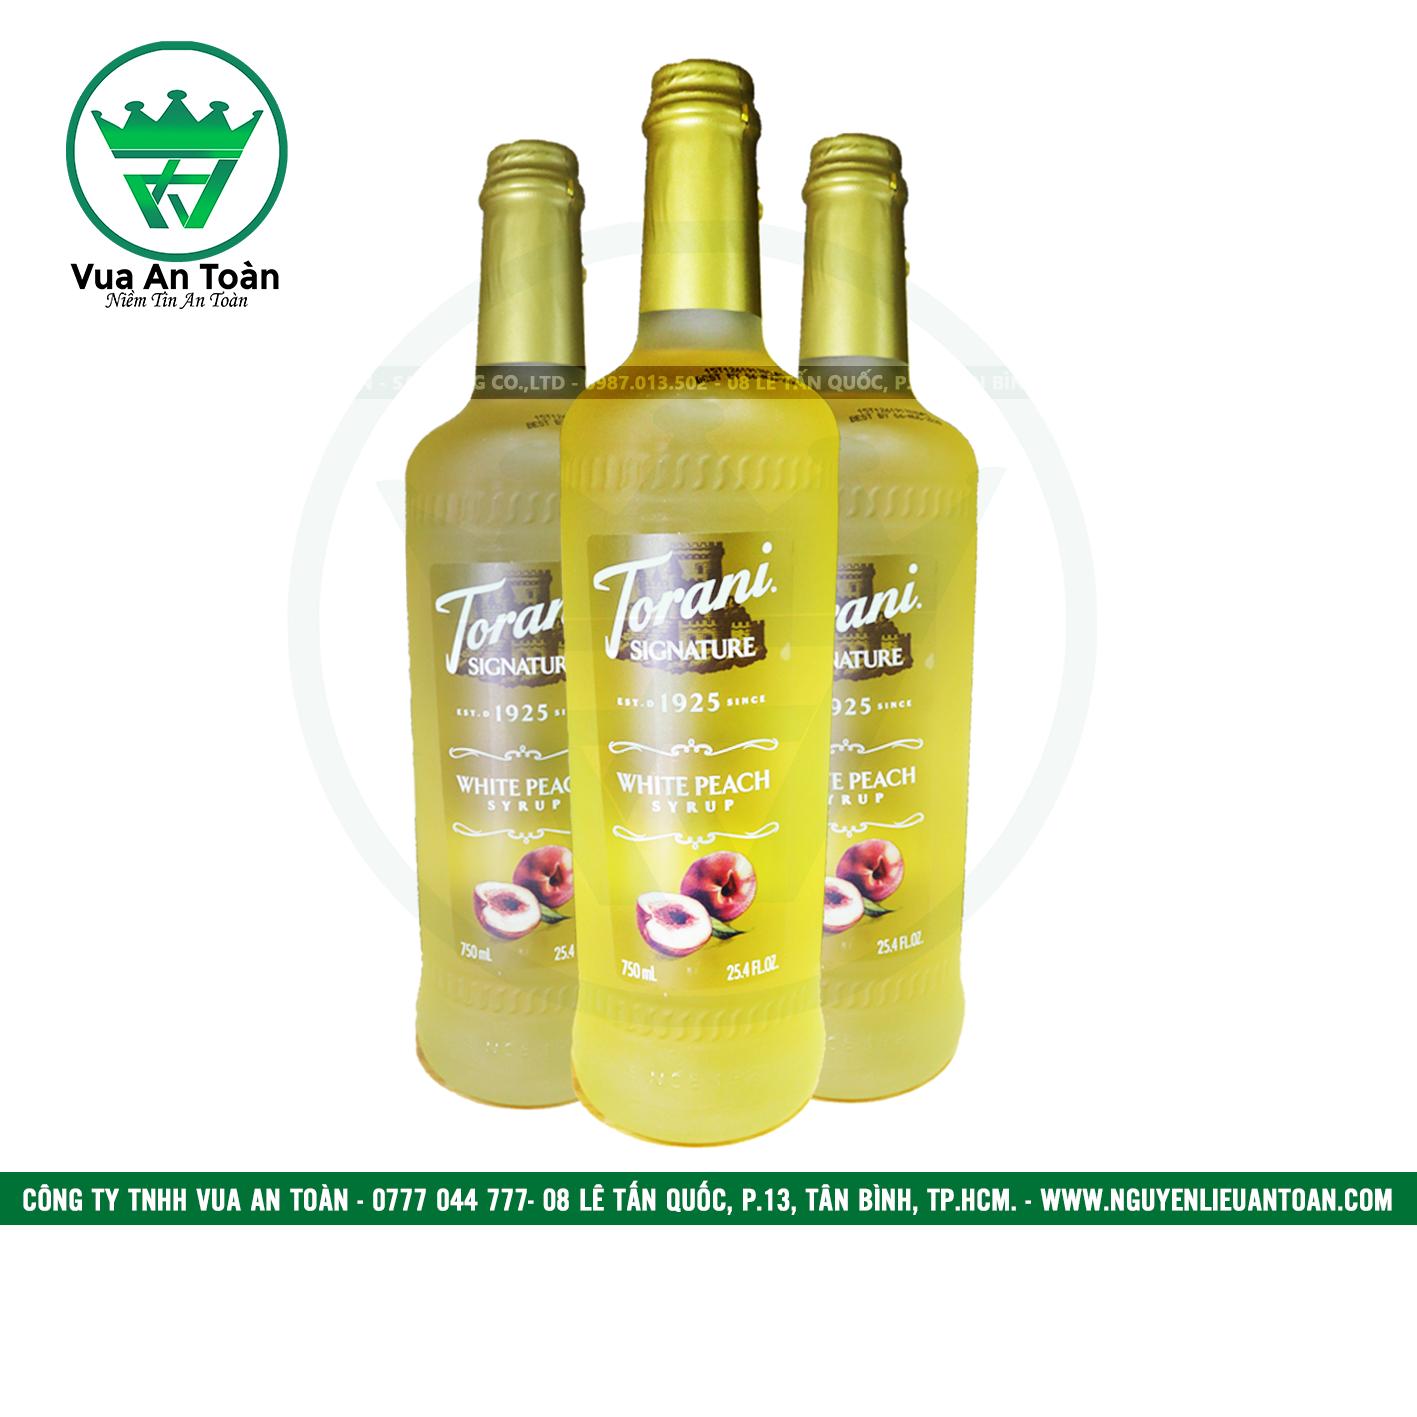 Torani Đào Trắng - White Peach Syrup